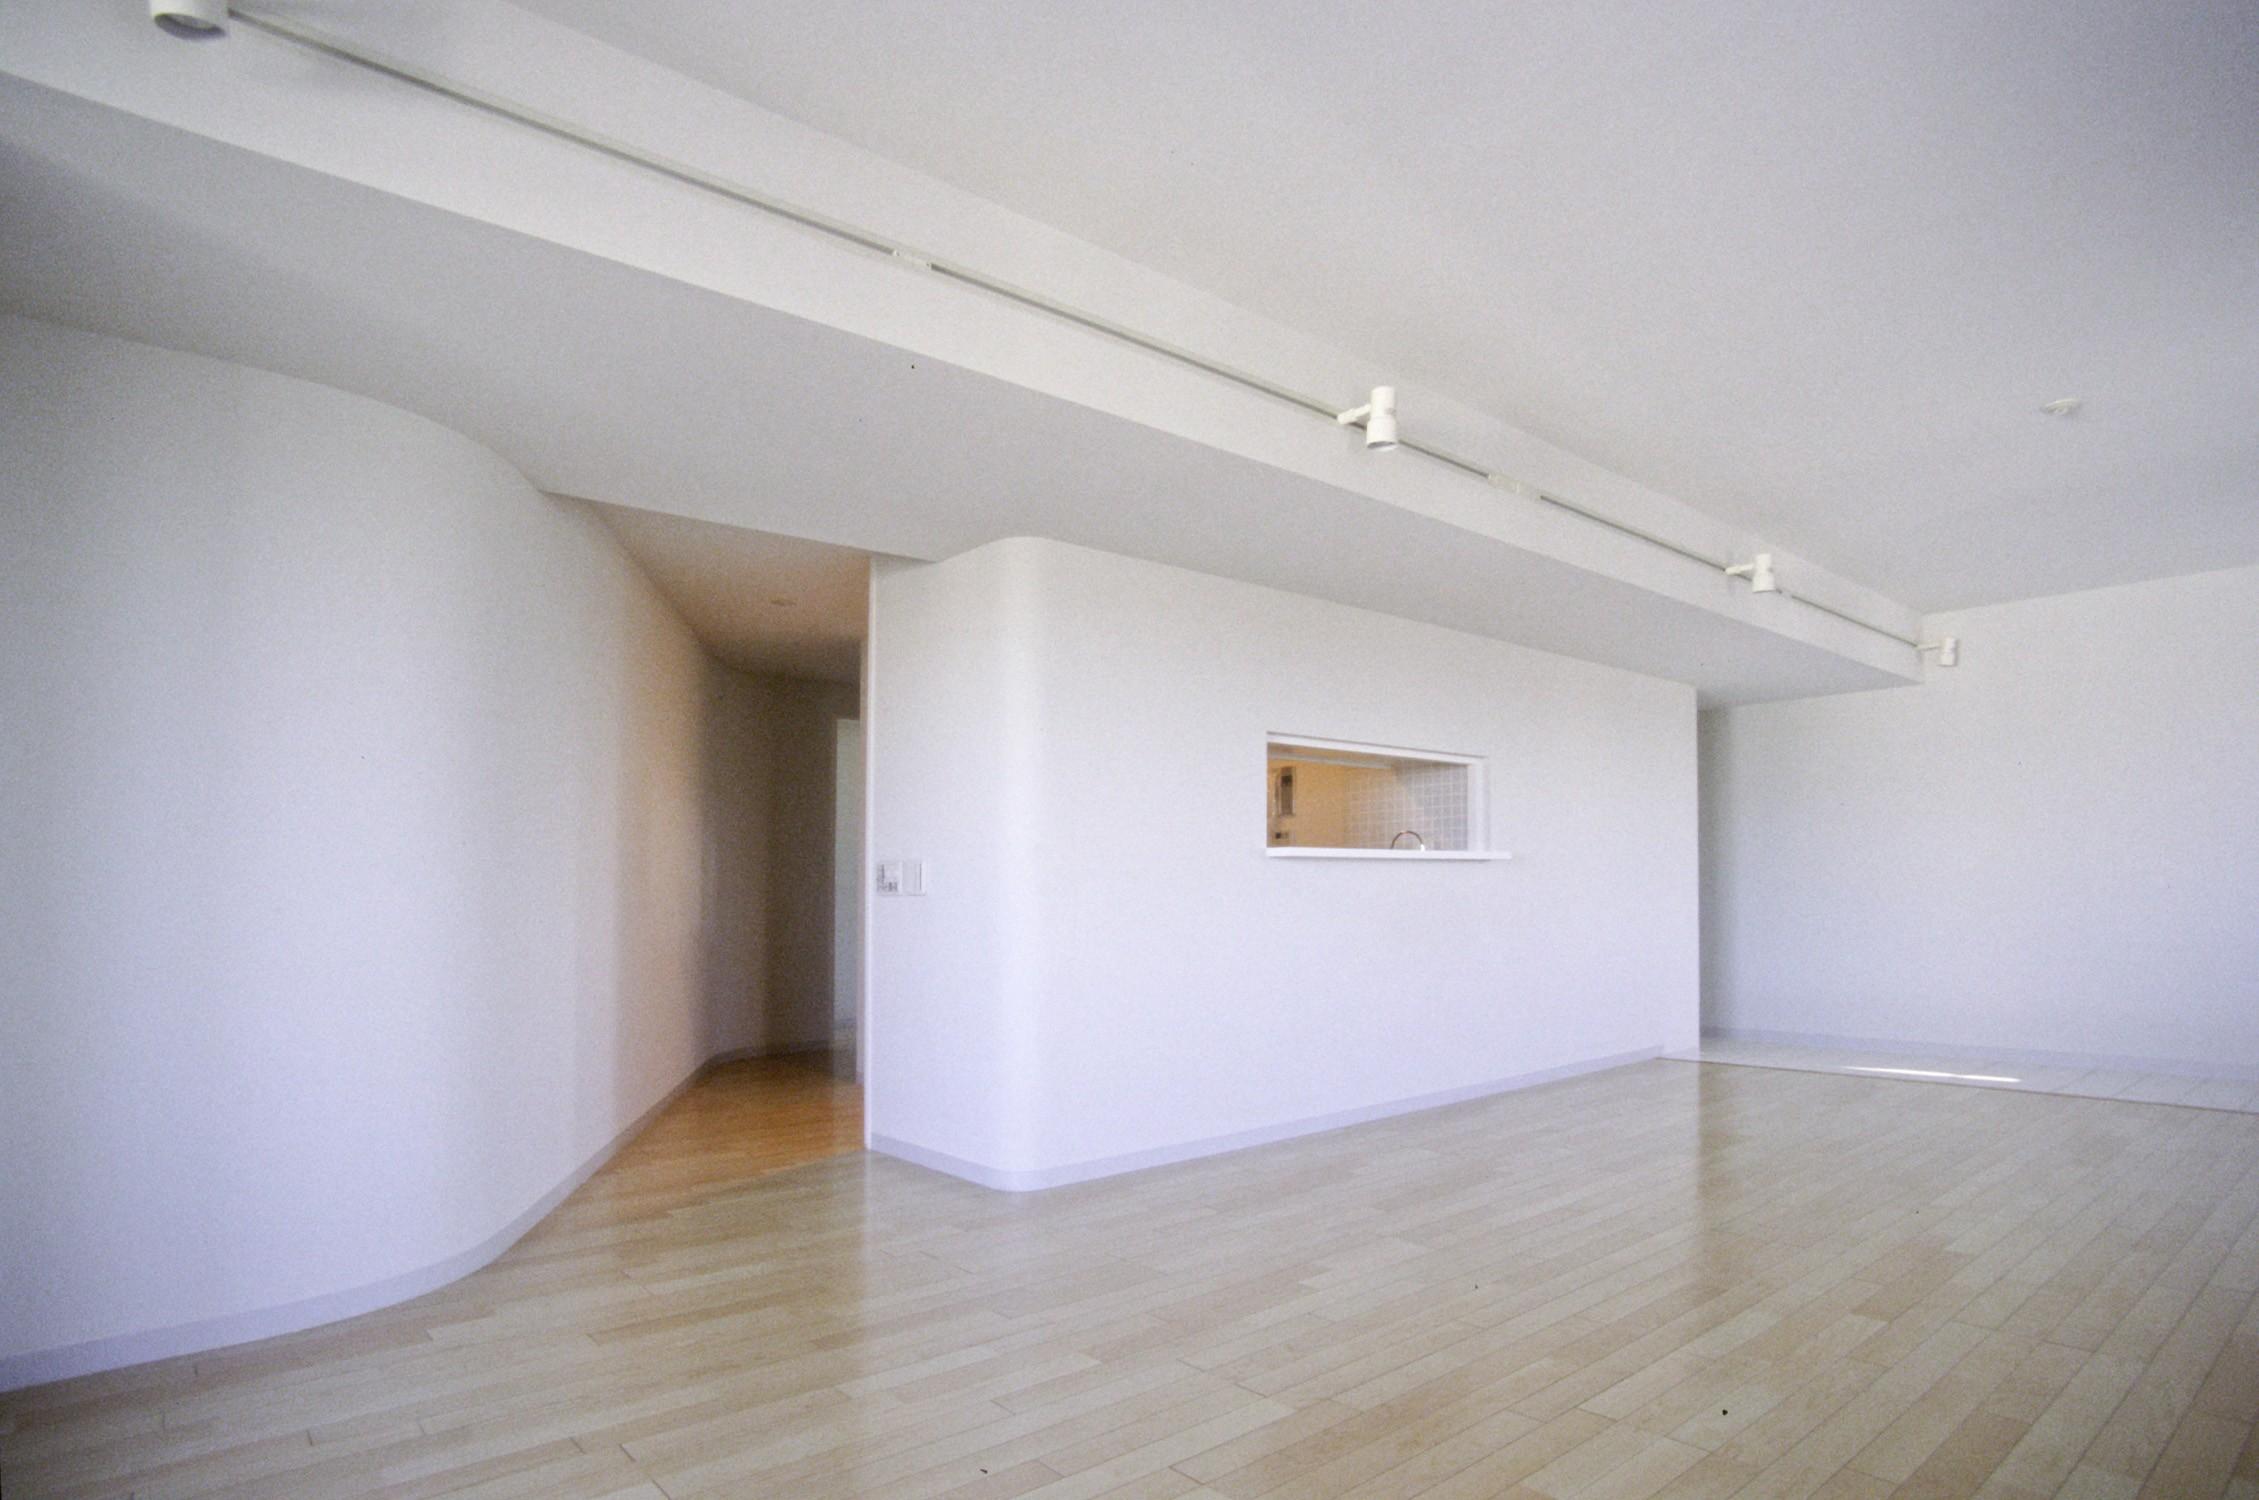 リビングダイニング事例:個室への入り口(東京中野 ミニマル・シンプルな空間へマンションリノベーション)